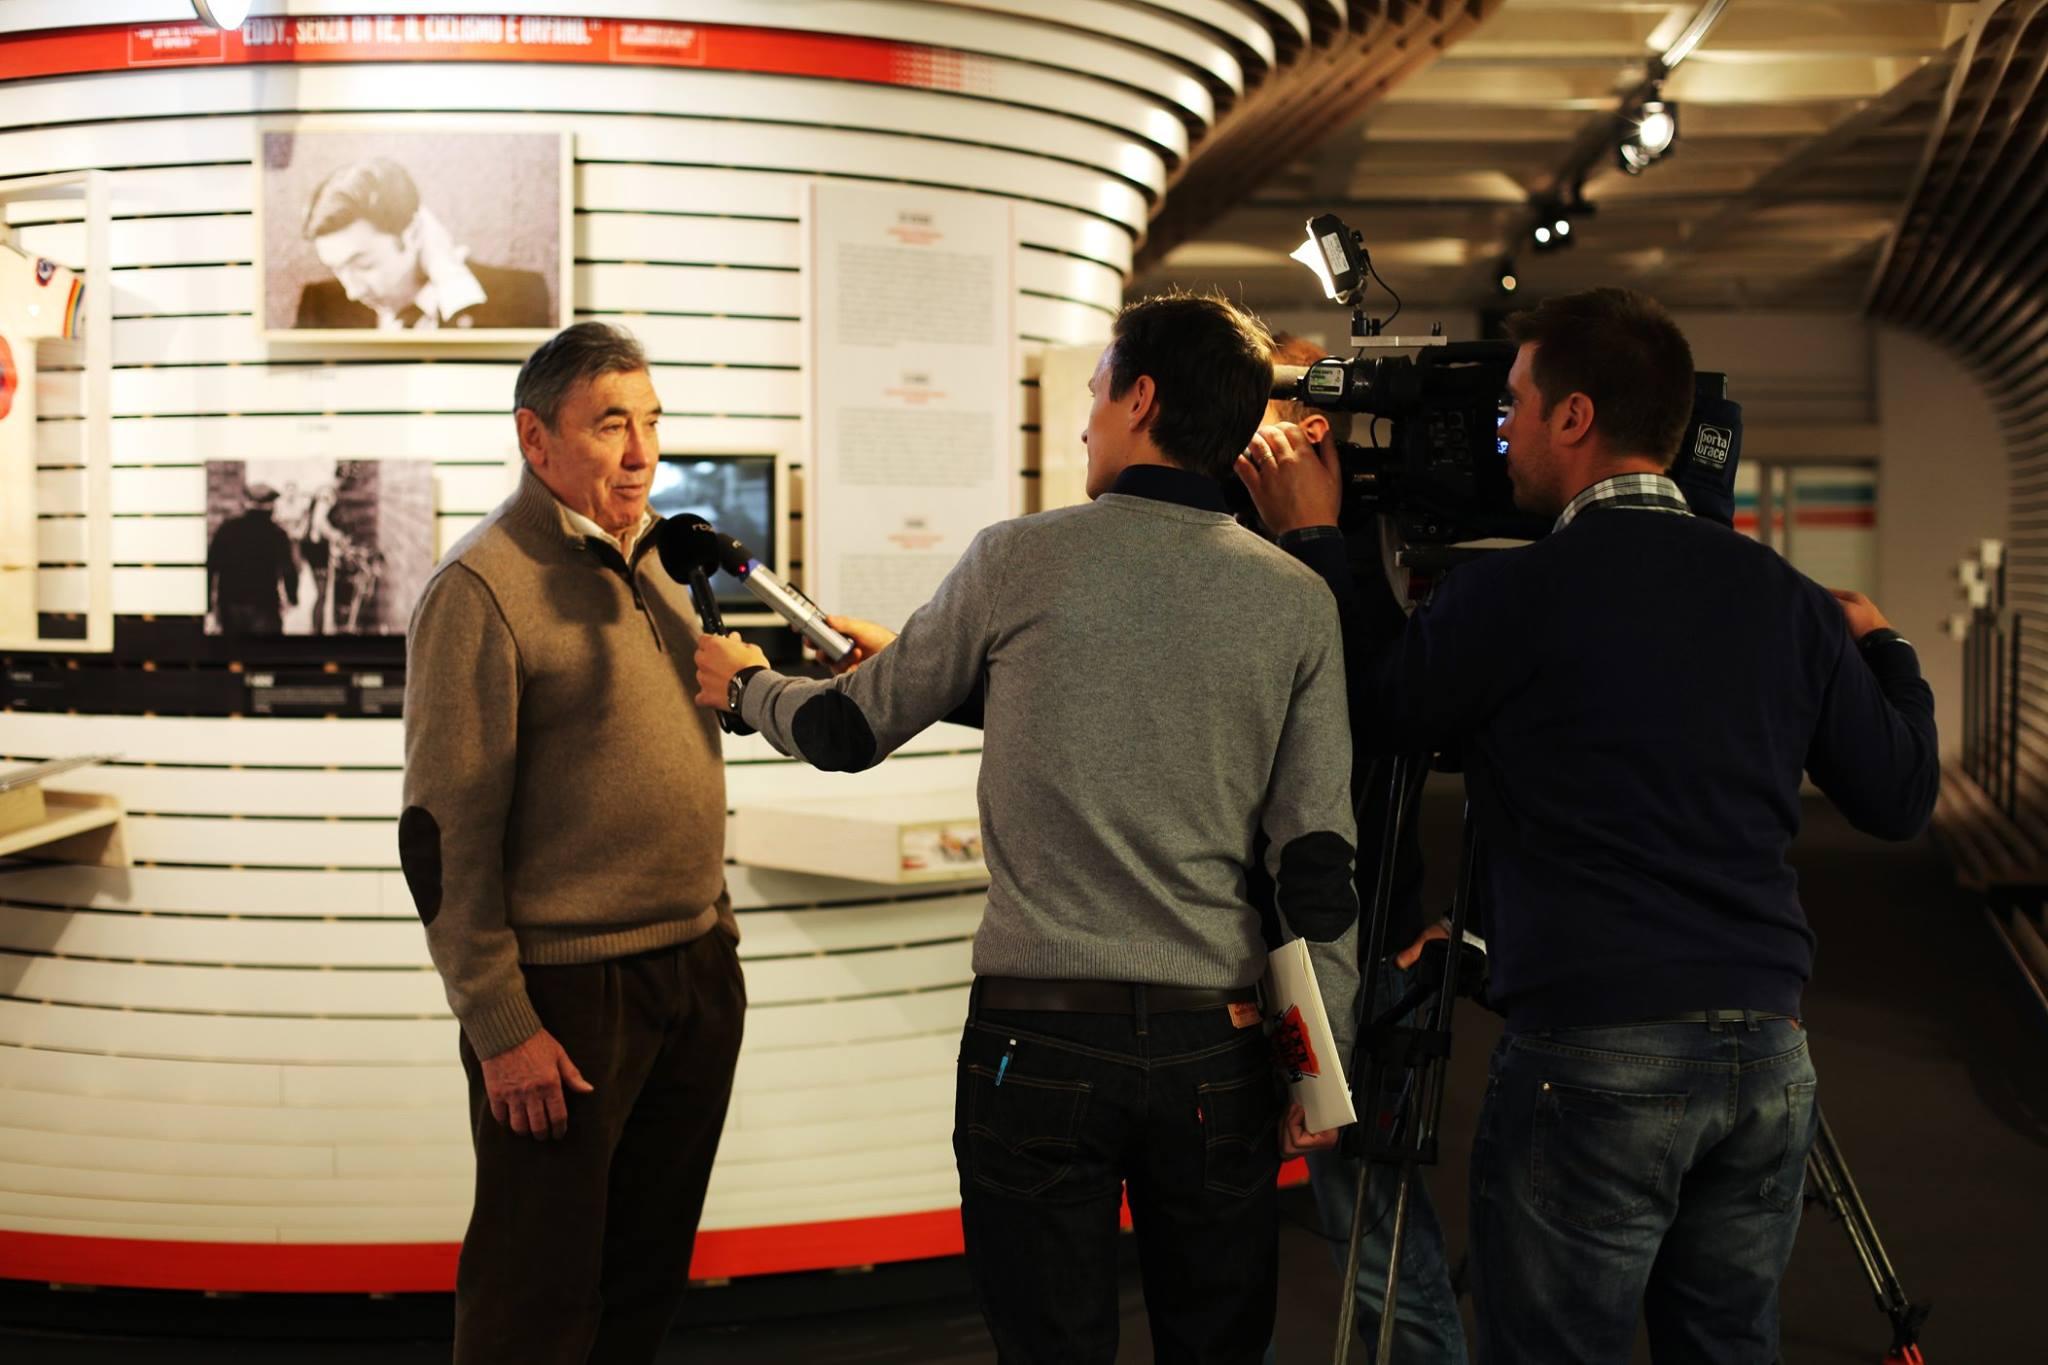 525 győzelem jellemzi Merckx pályafutását